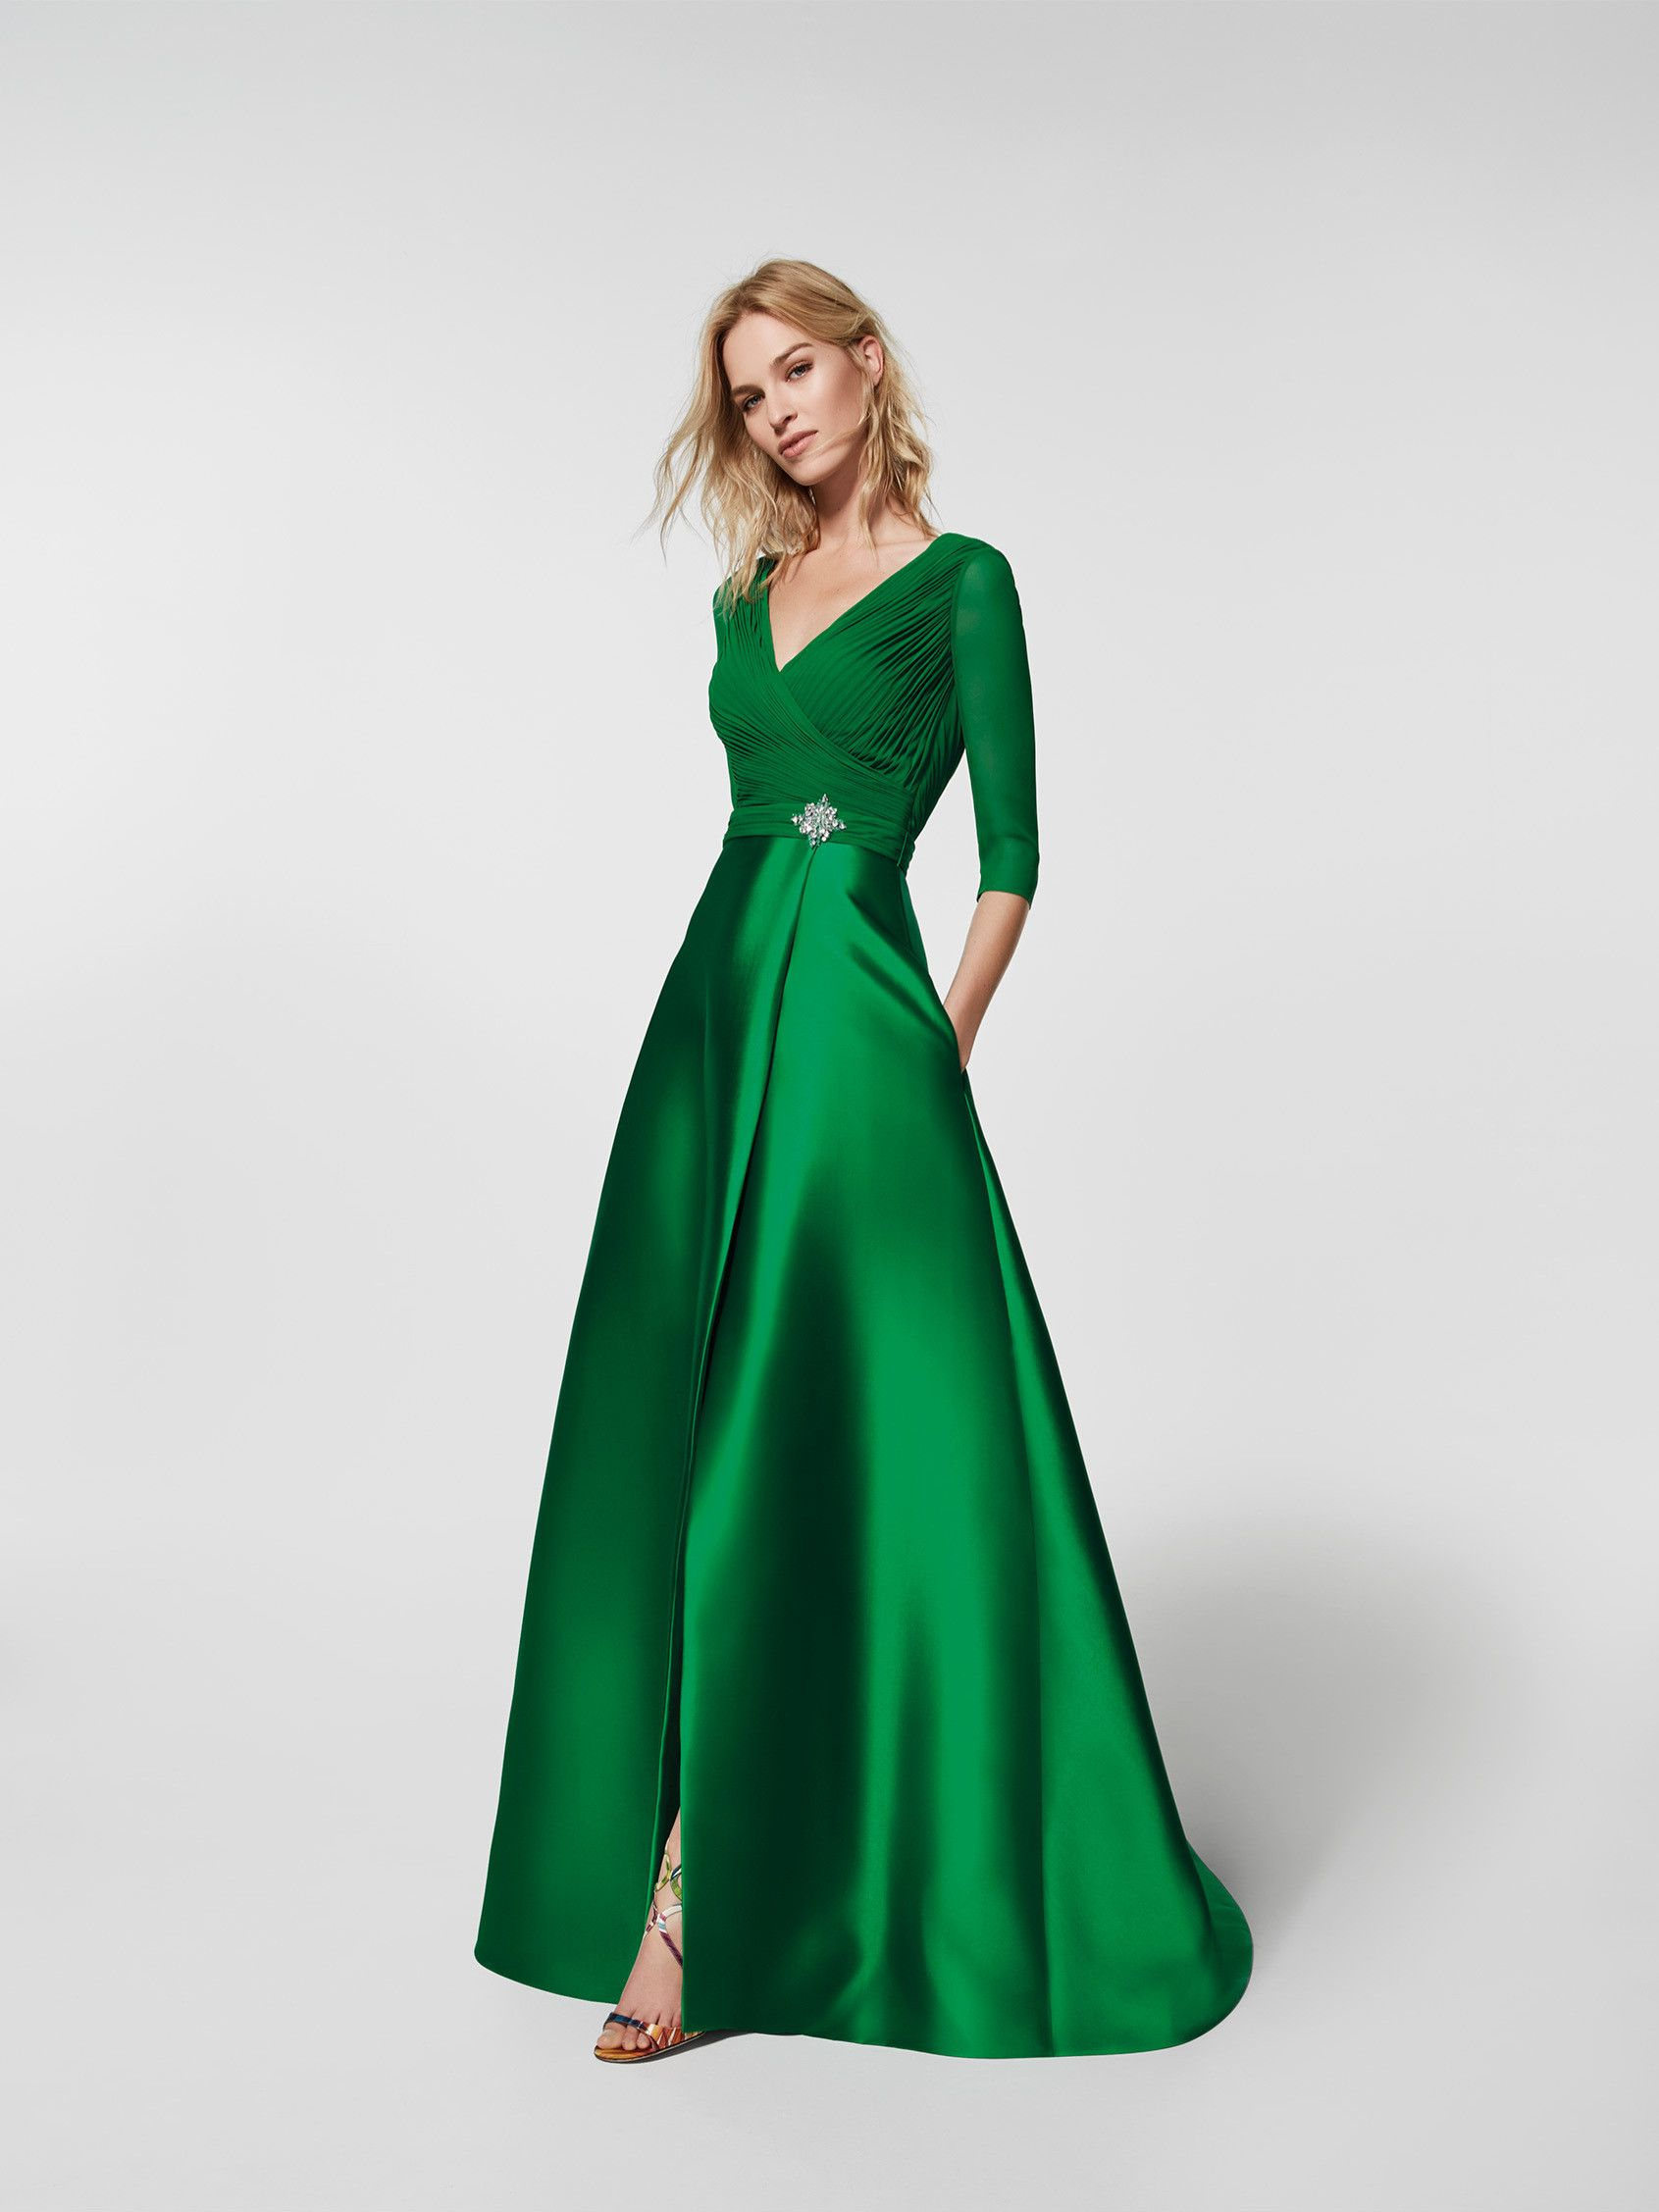 Vestido de festa (modelo GRACIELA) verde com um decote em bico à ...